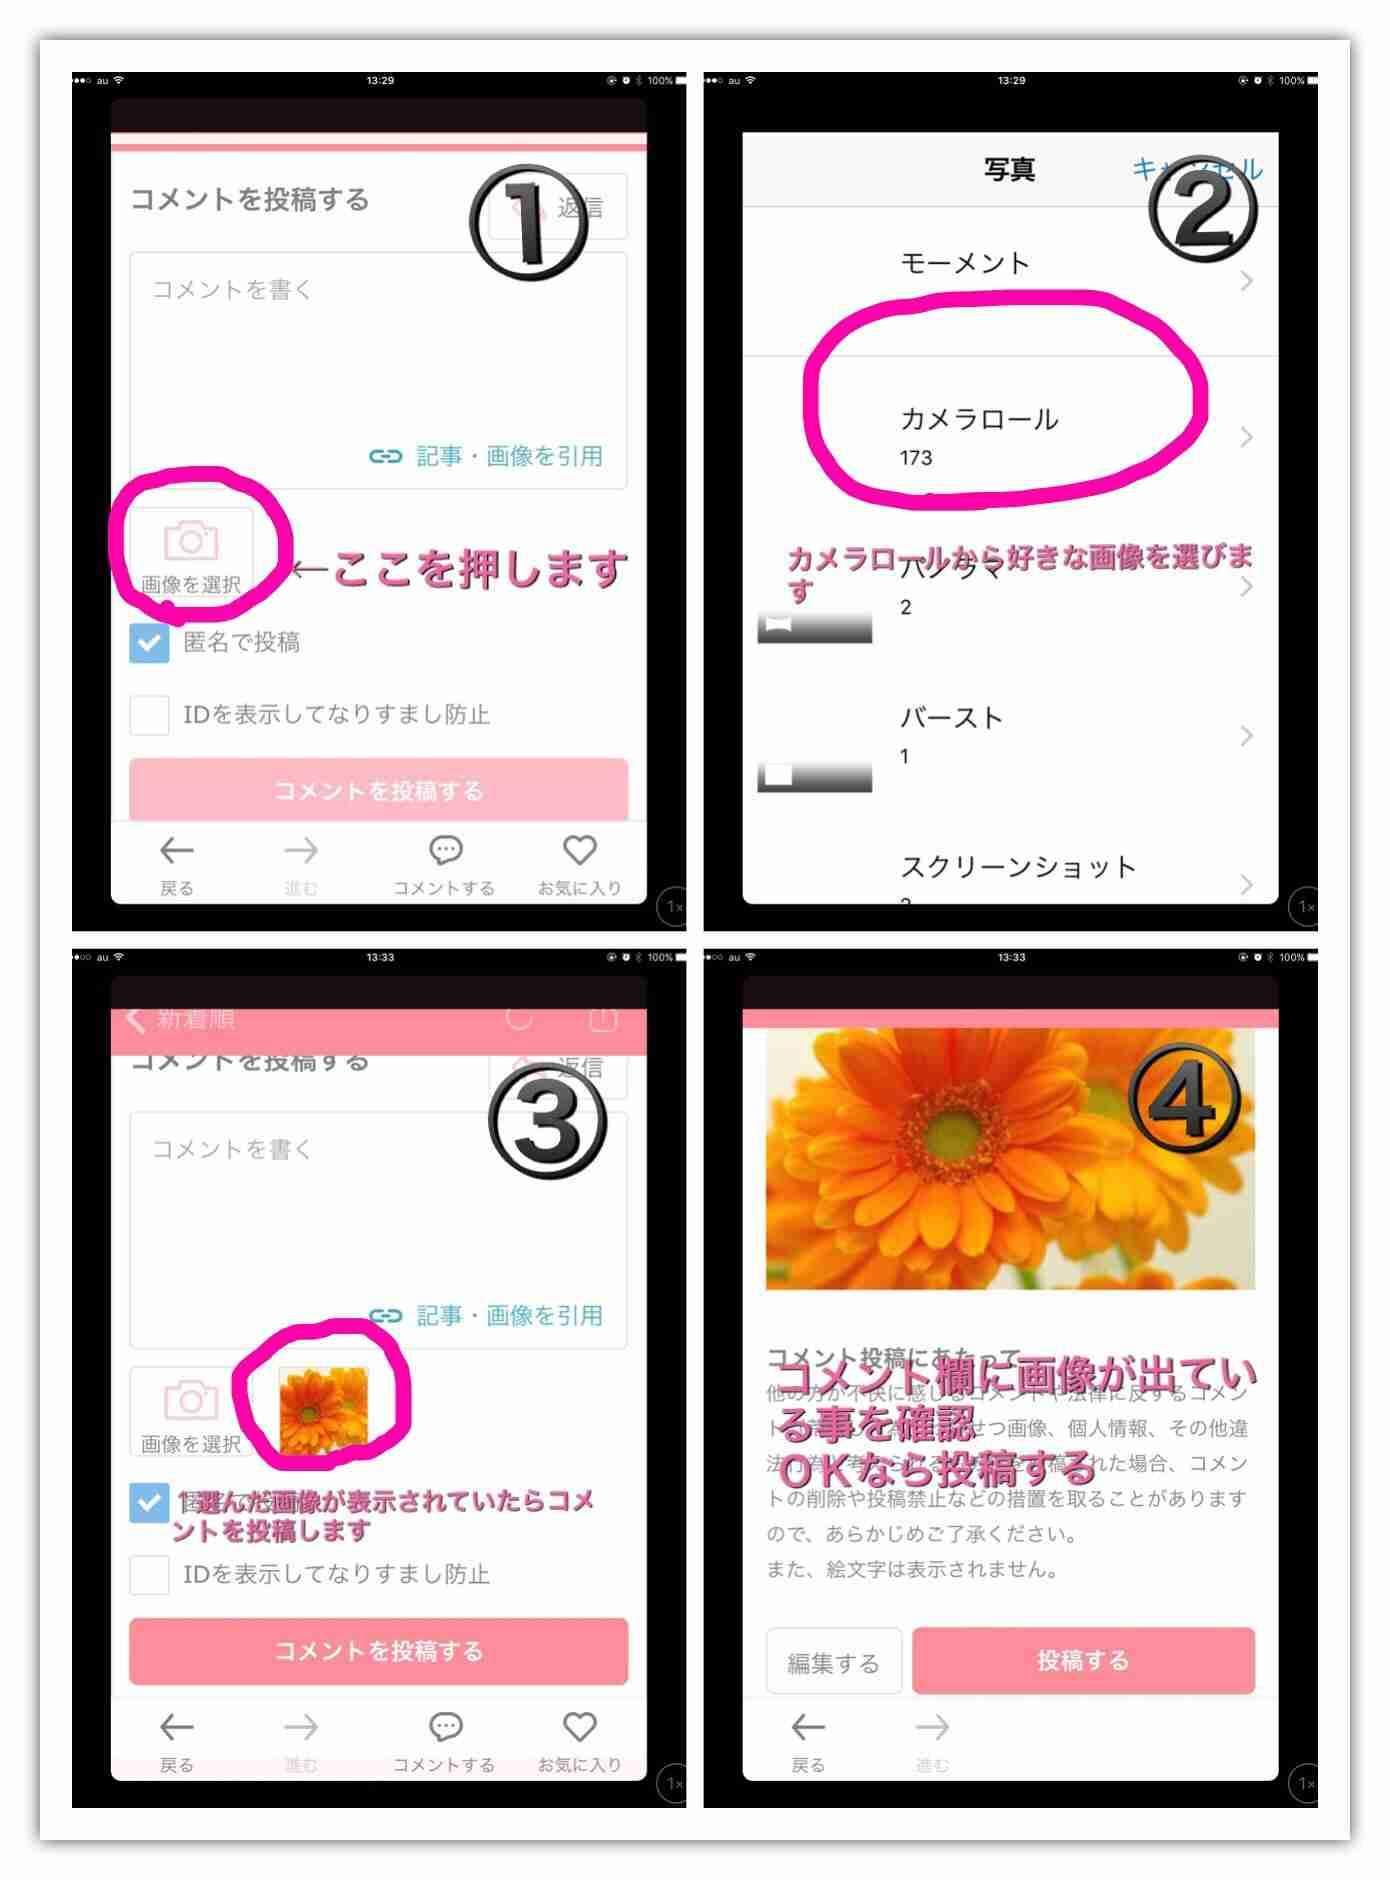 ガルちゃんで画像(サイト)を貼り付ける方法&練習Part16